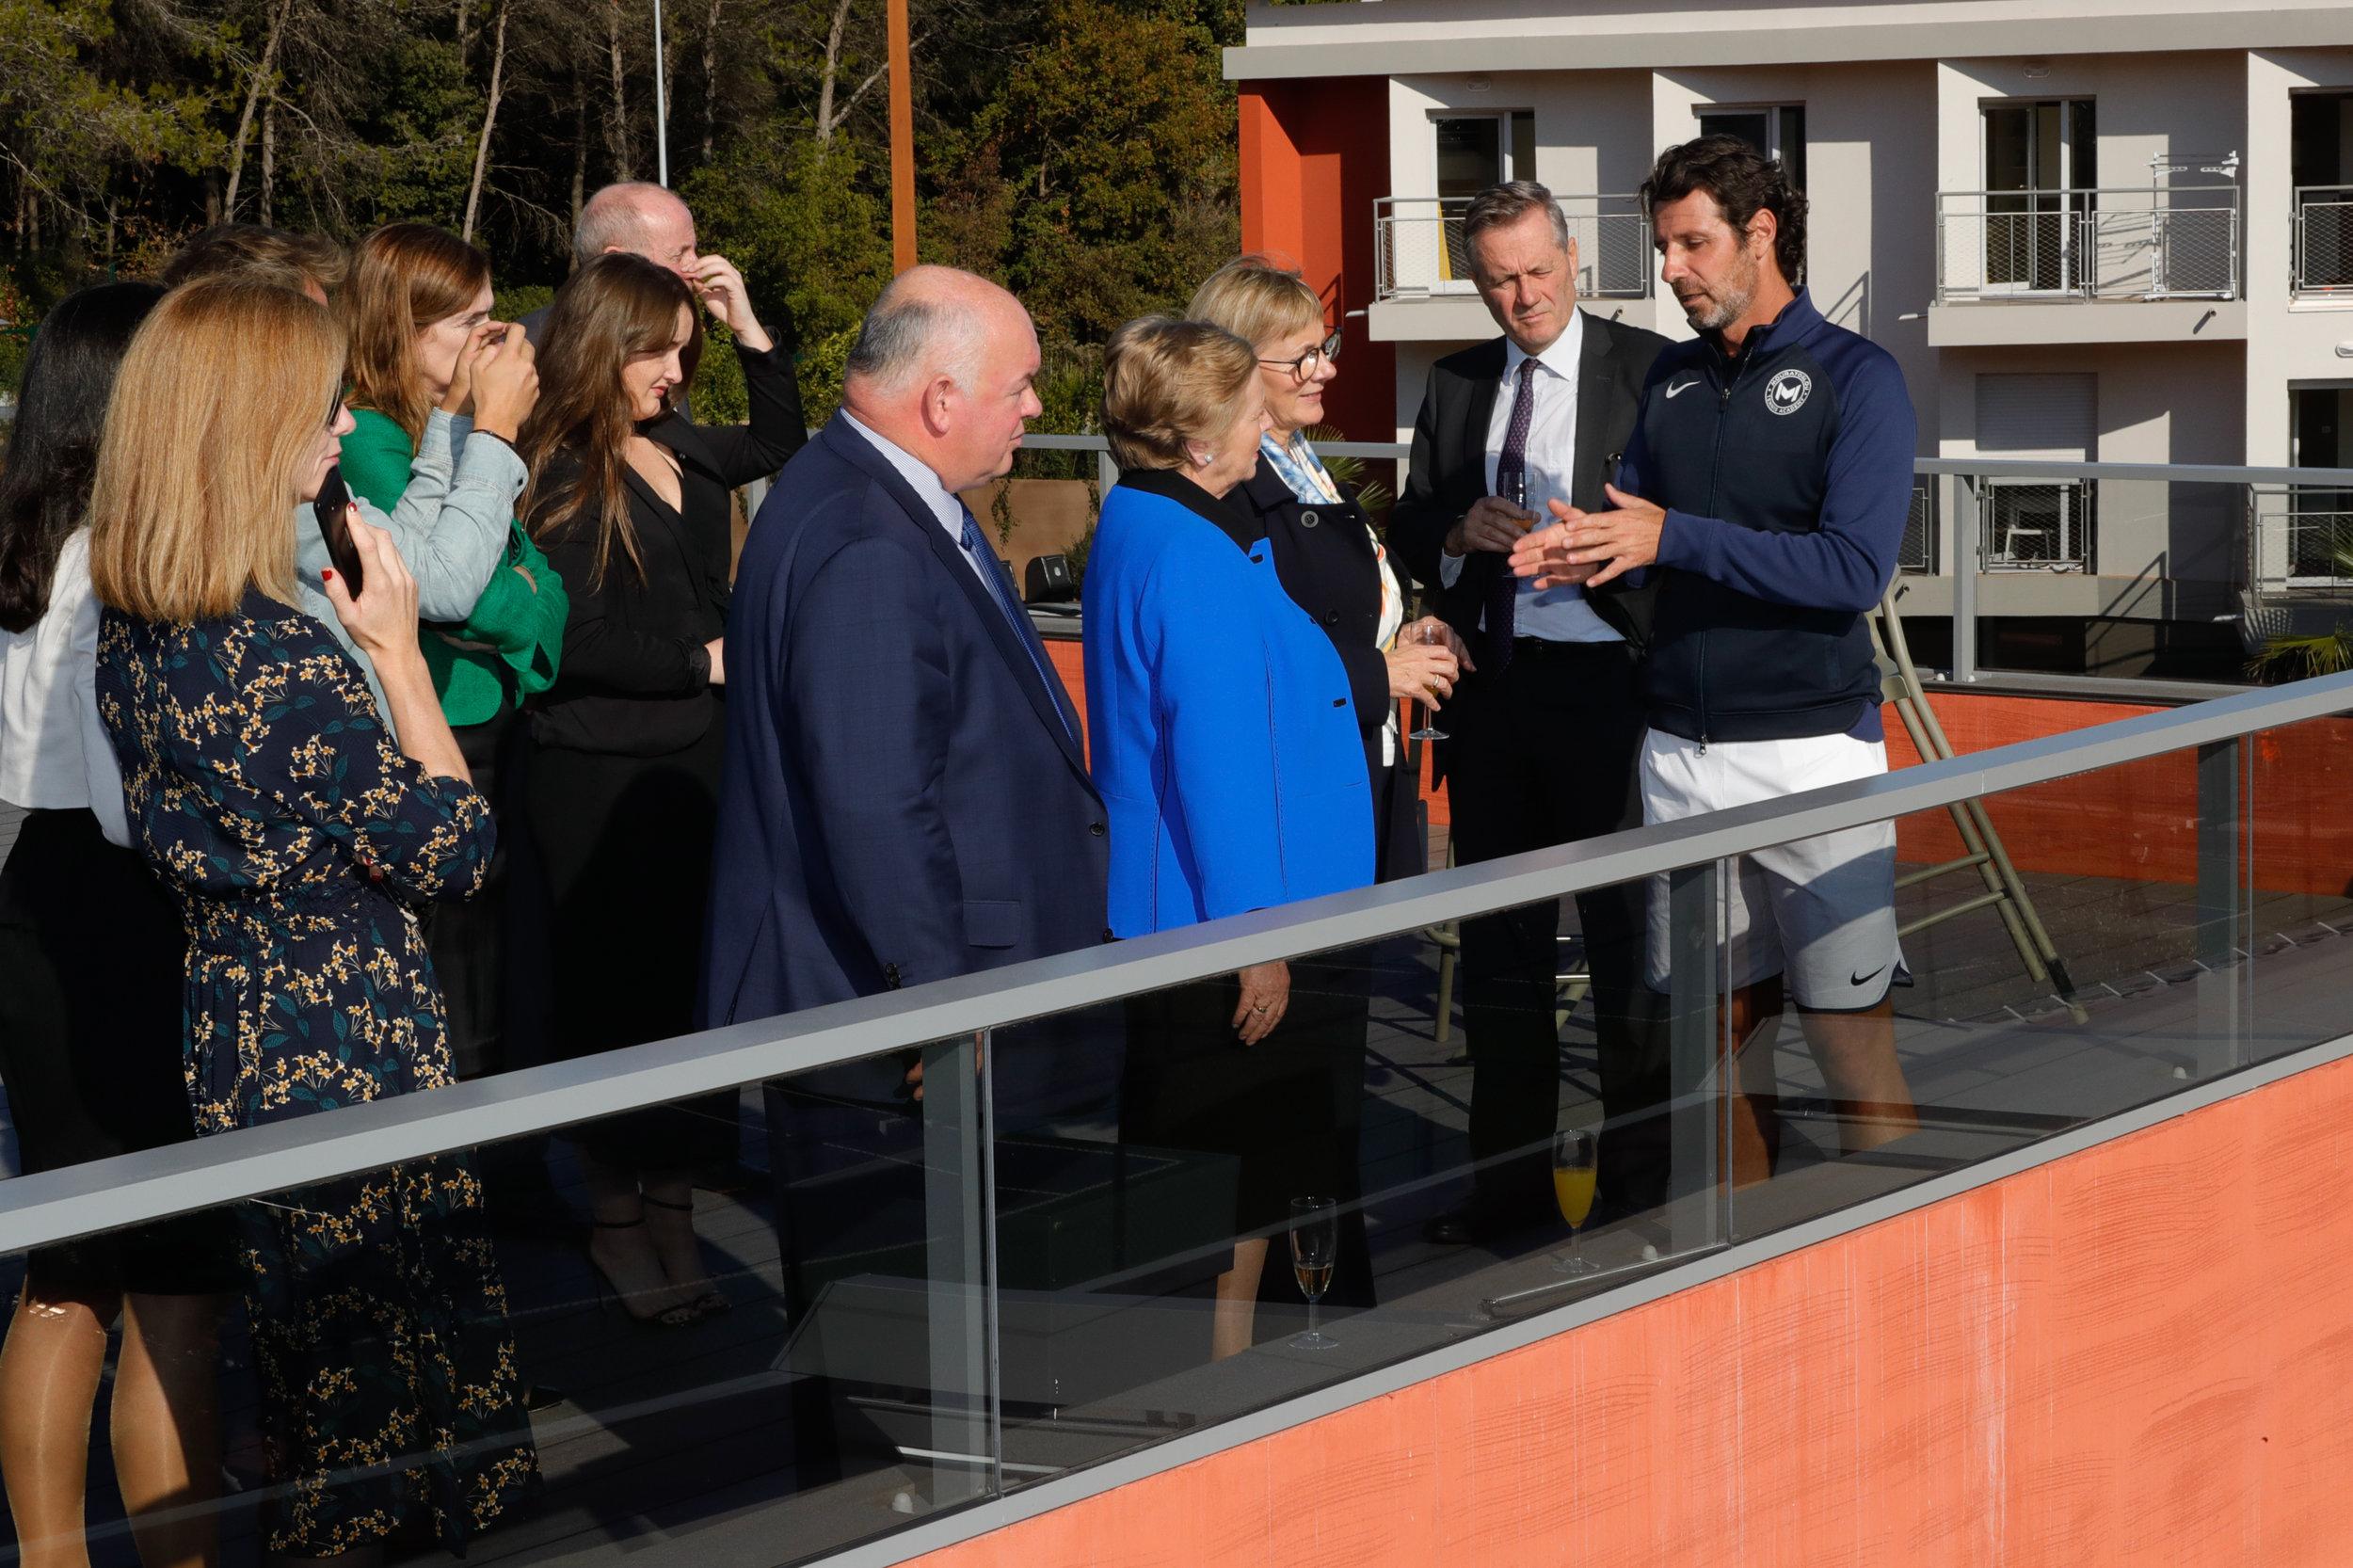 Patrick Mouratoglou et la présentation de l'Académie de Tennis Mouratoglou à la délégation irlandaise.